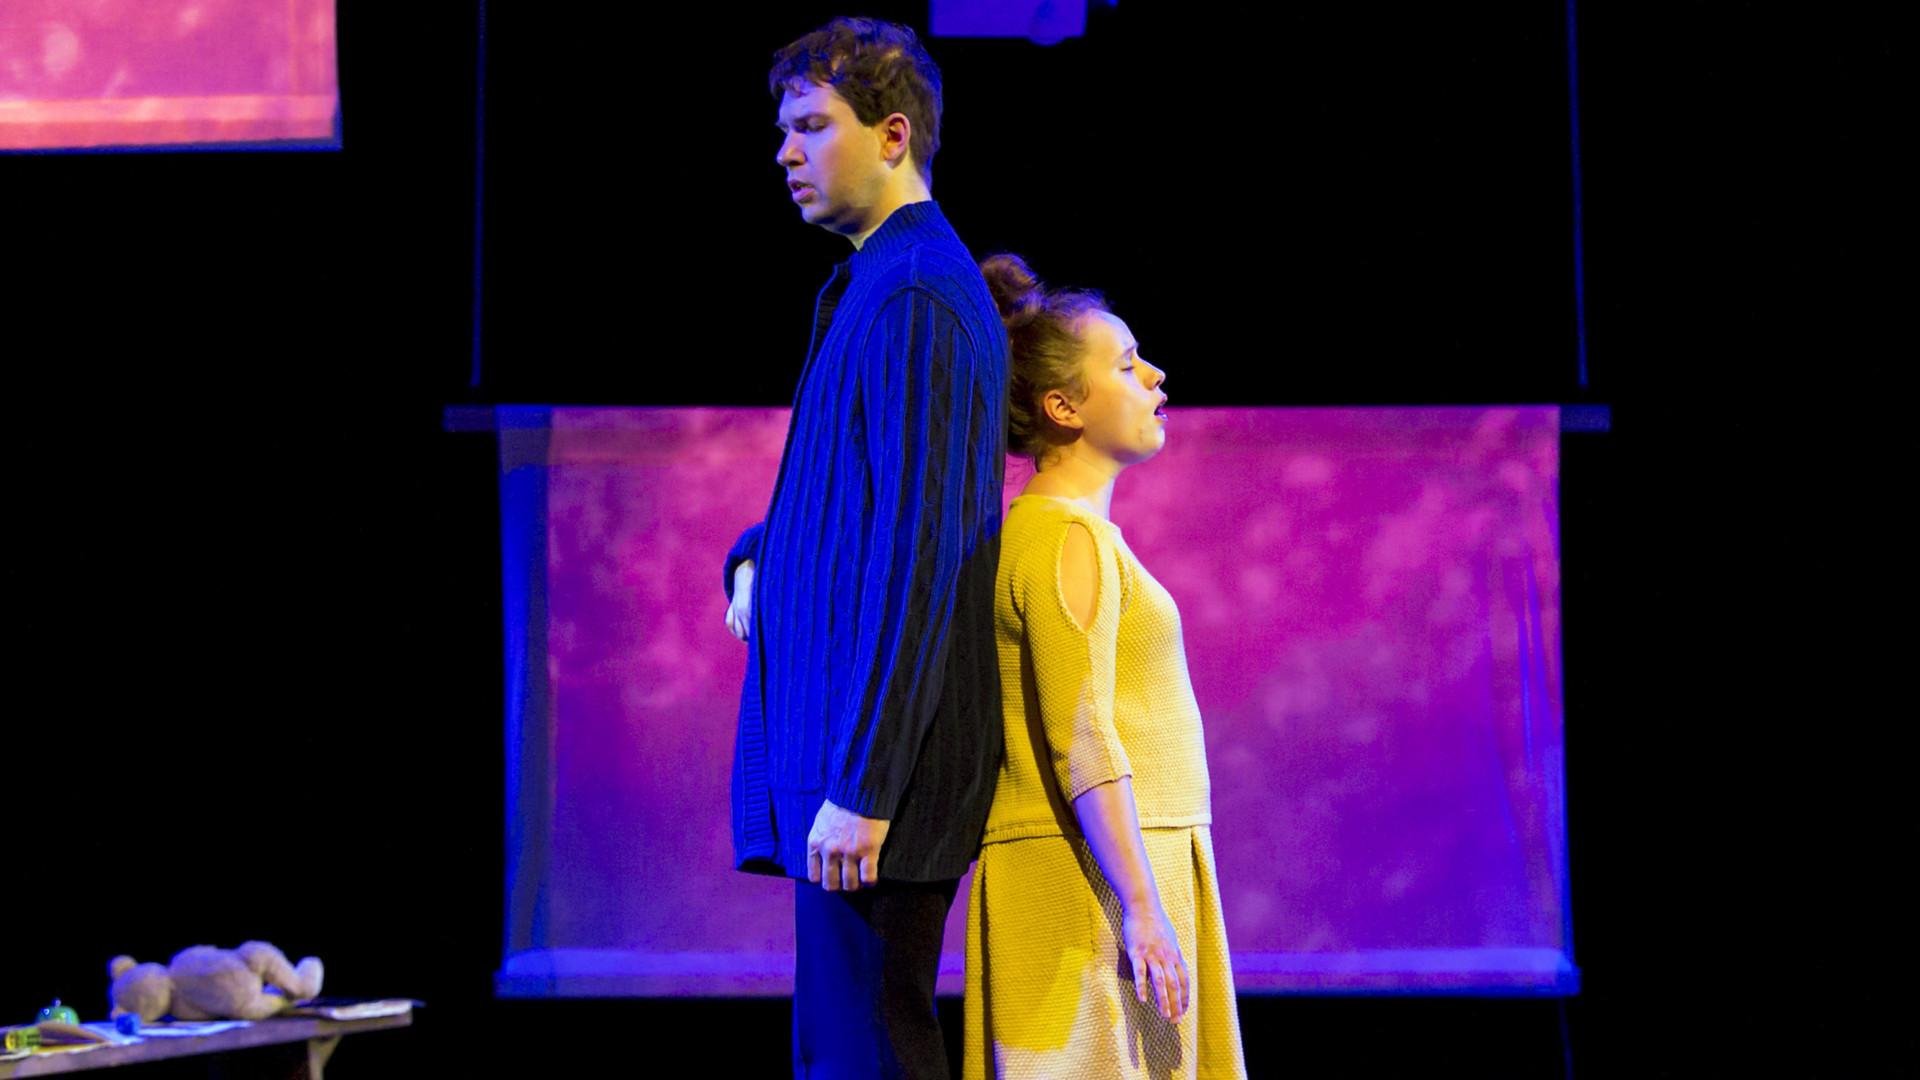 Szene aus einer Auffuehrung: Ein Mann und eine Frau stehen mit geschlossenen Augen Ruecken an Ruecken